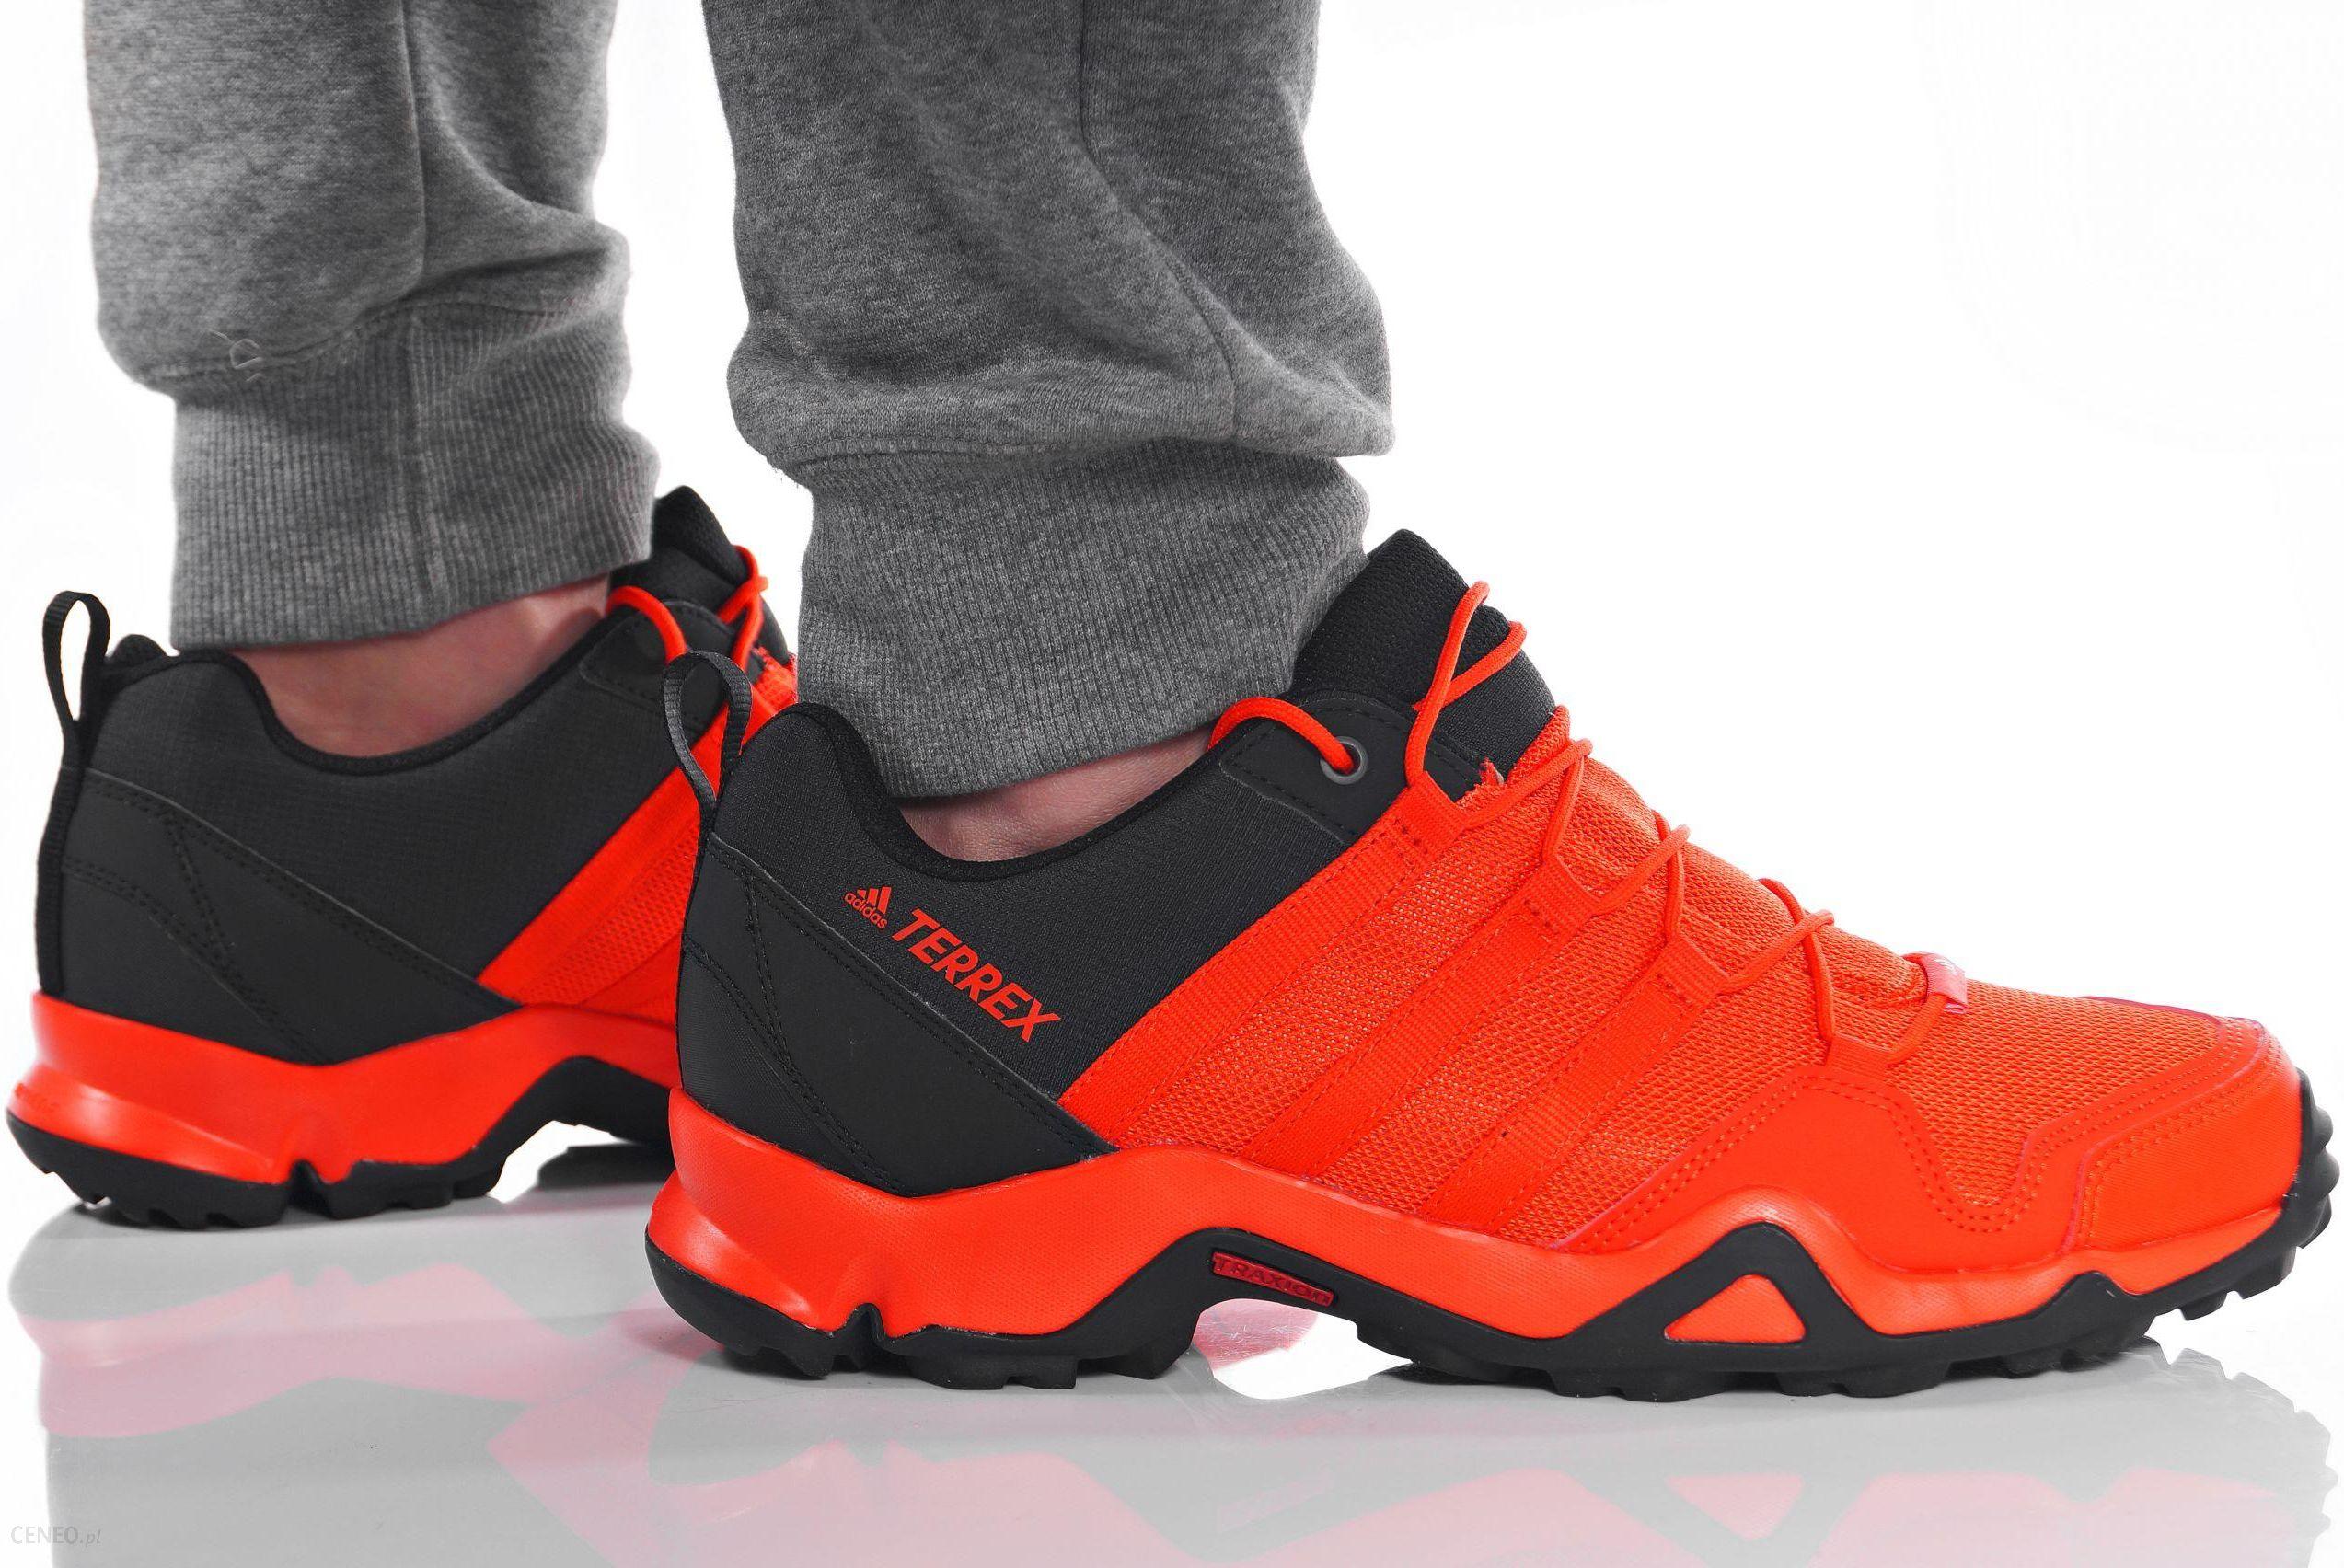 Buty adidas terrex ax2r bb1982 męskie trekking Zdjęcie na